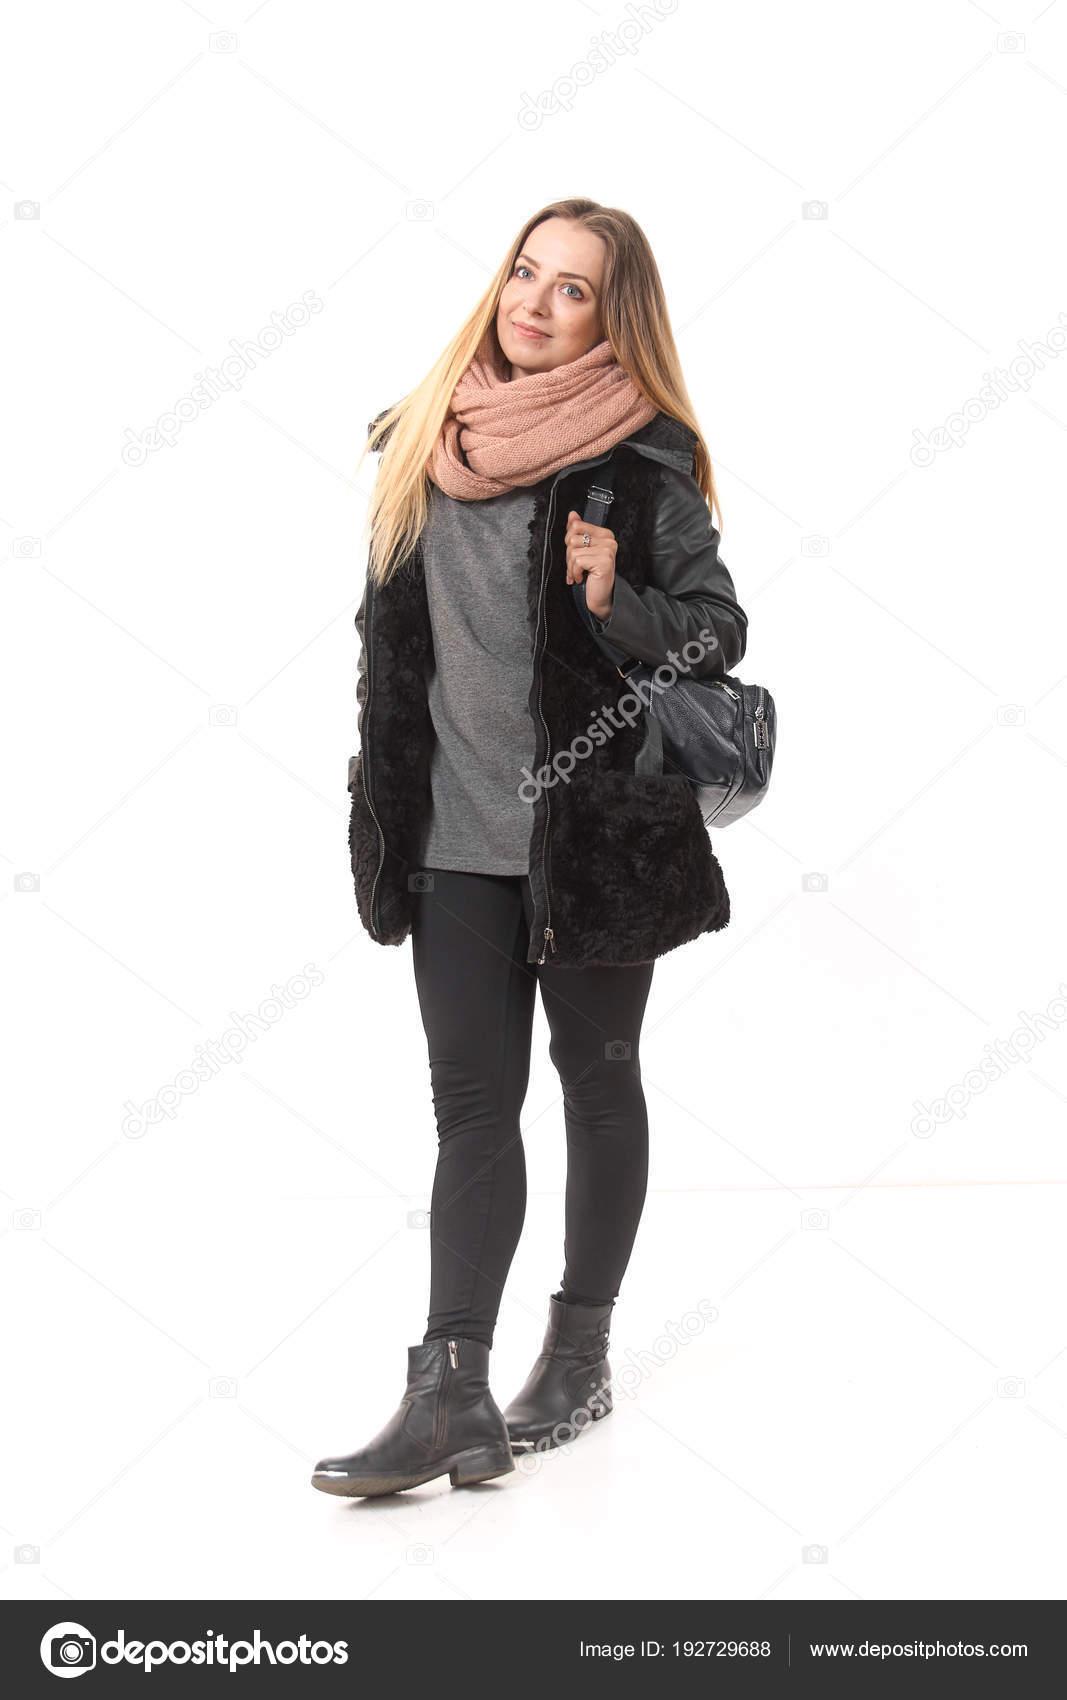 aa88e0c40be5 Una chica en ropa de entretiempo con un bolso de cuerpo entero sobre ...